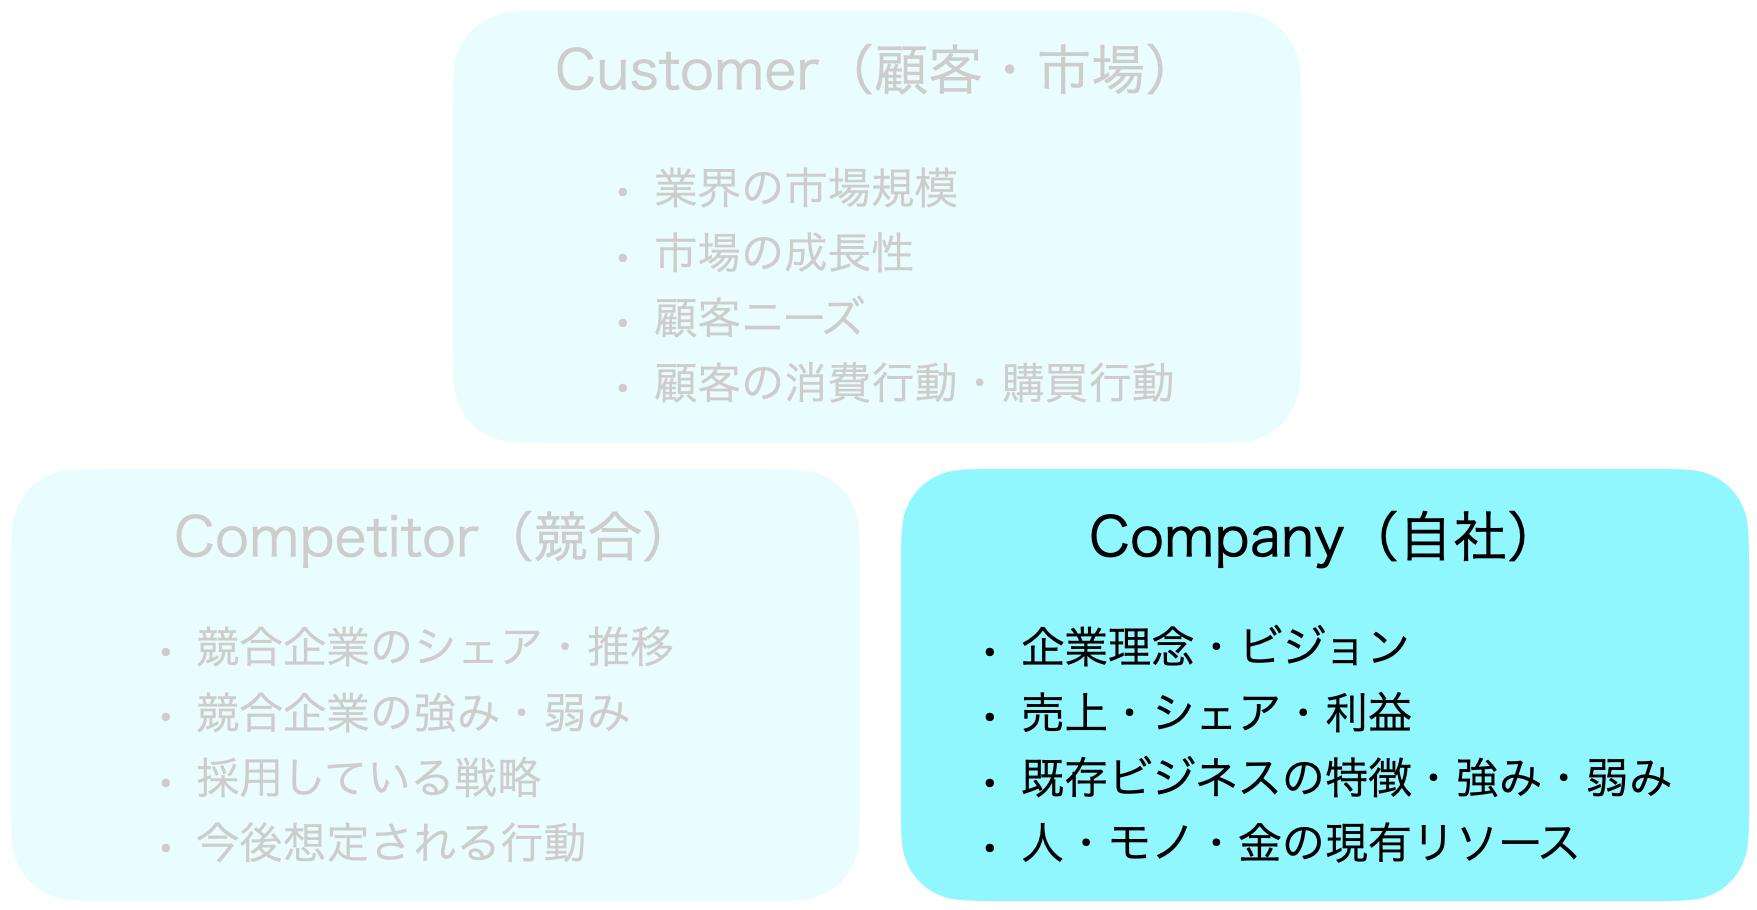 3分析:Company(自社)分析